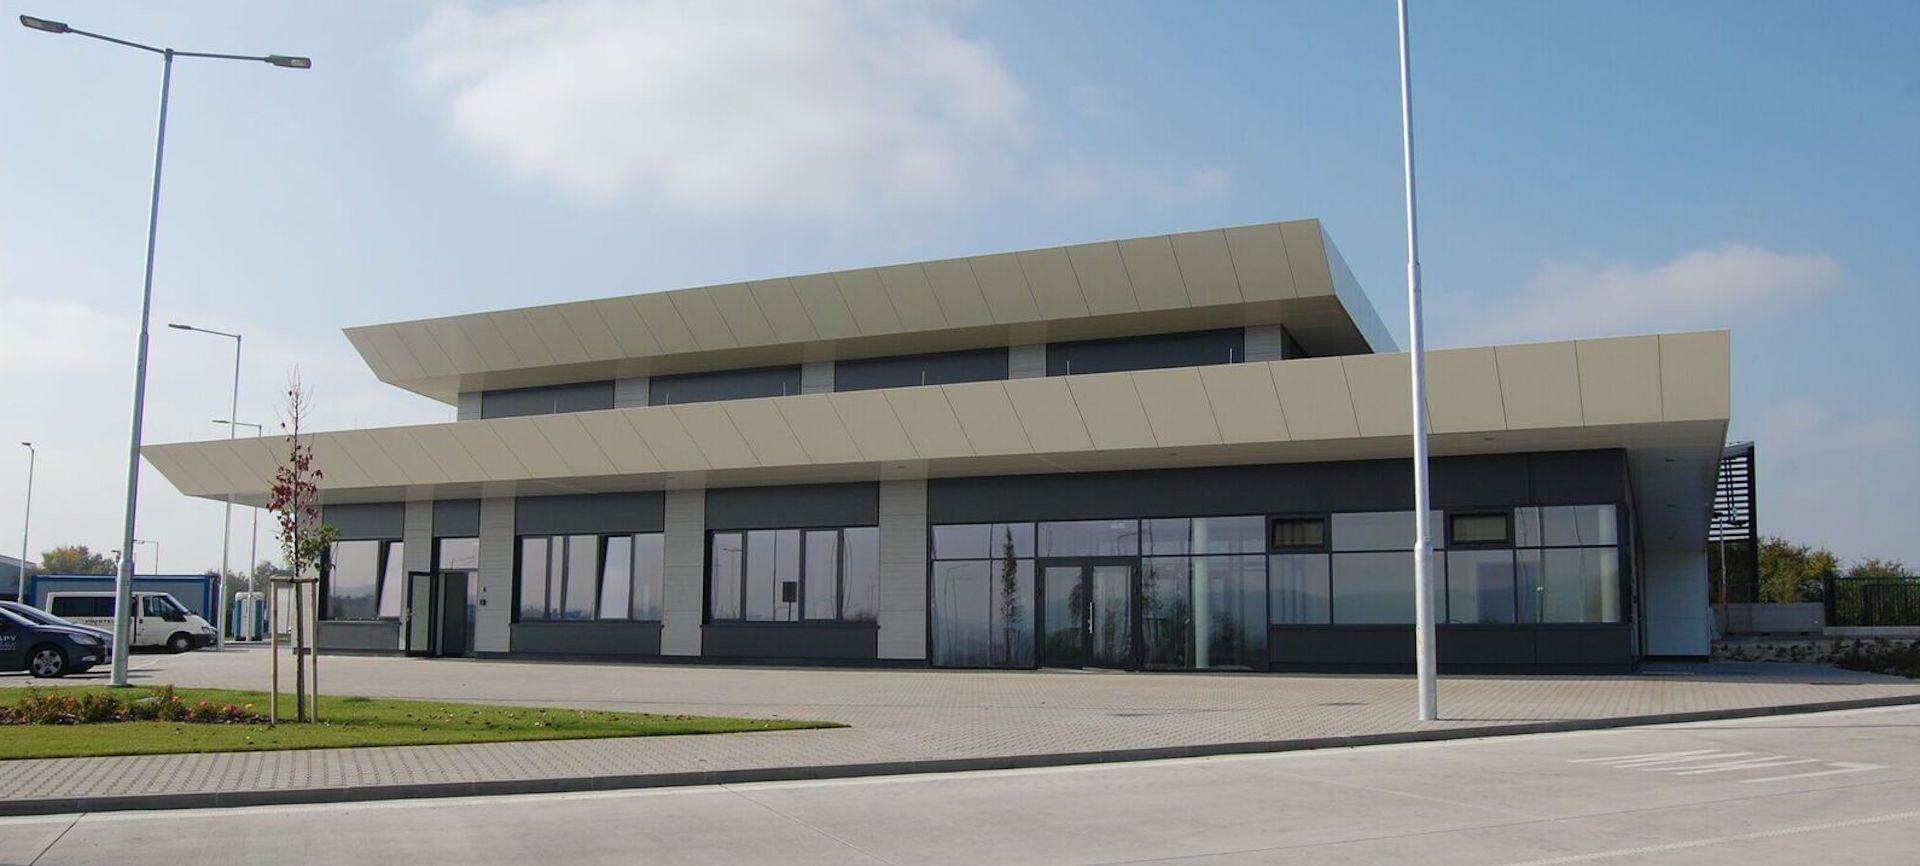 Centrum kamiónovej dopravy